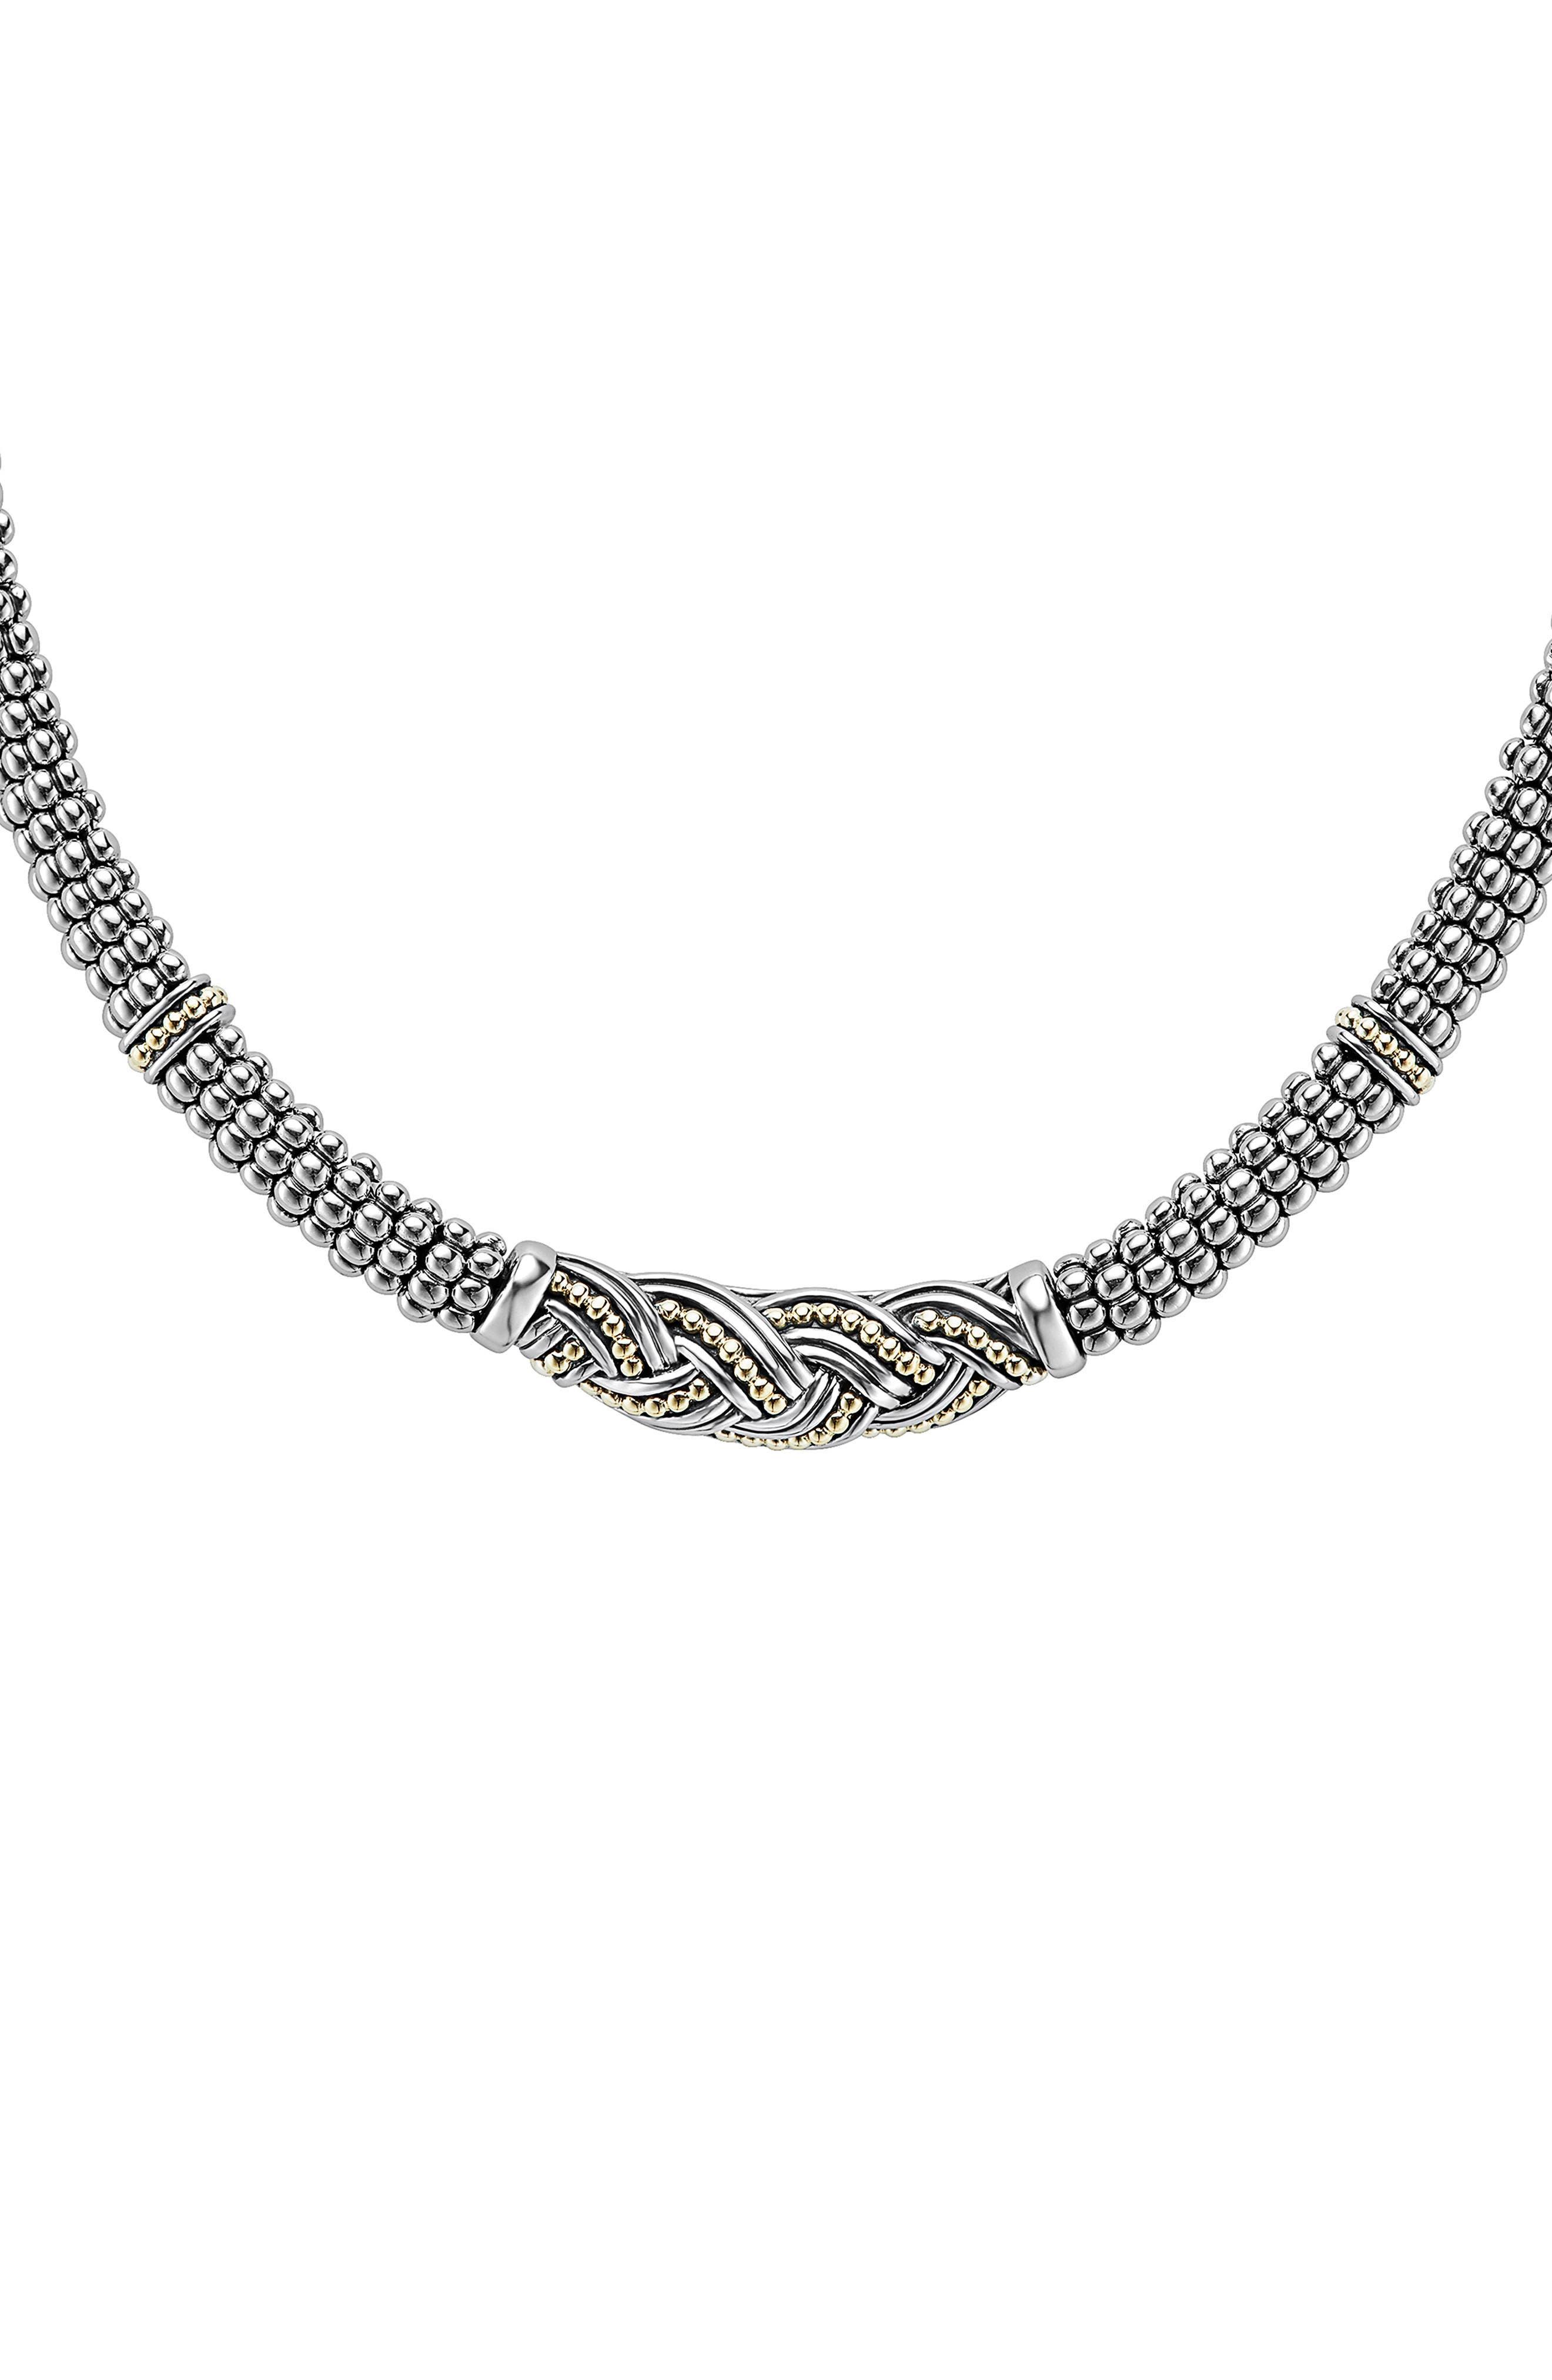 LAGOS Torsade Rope Necklace